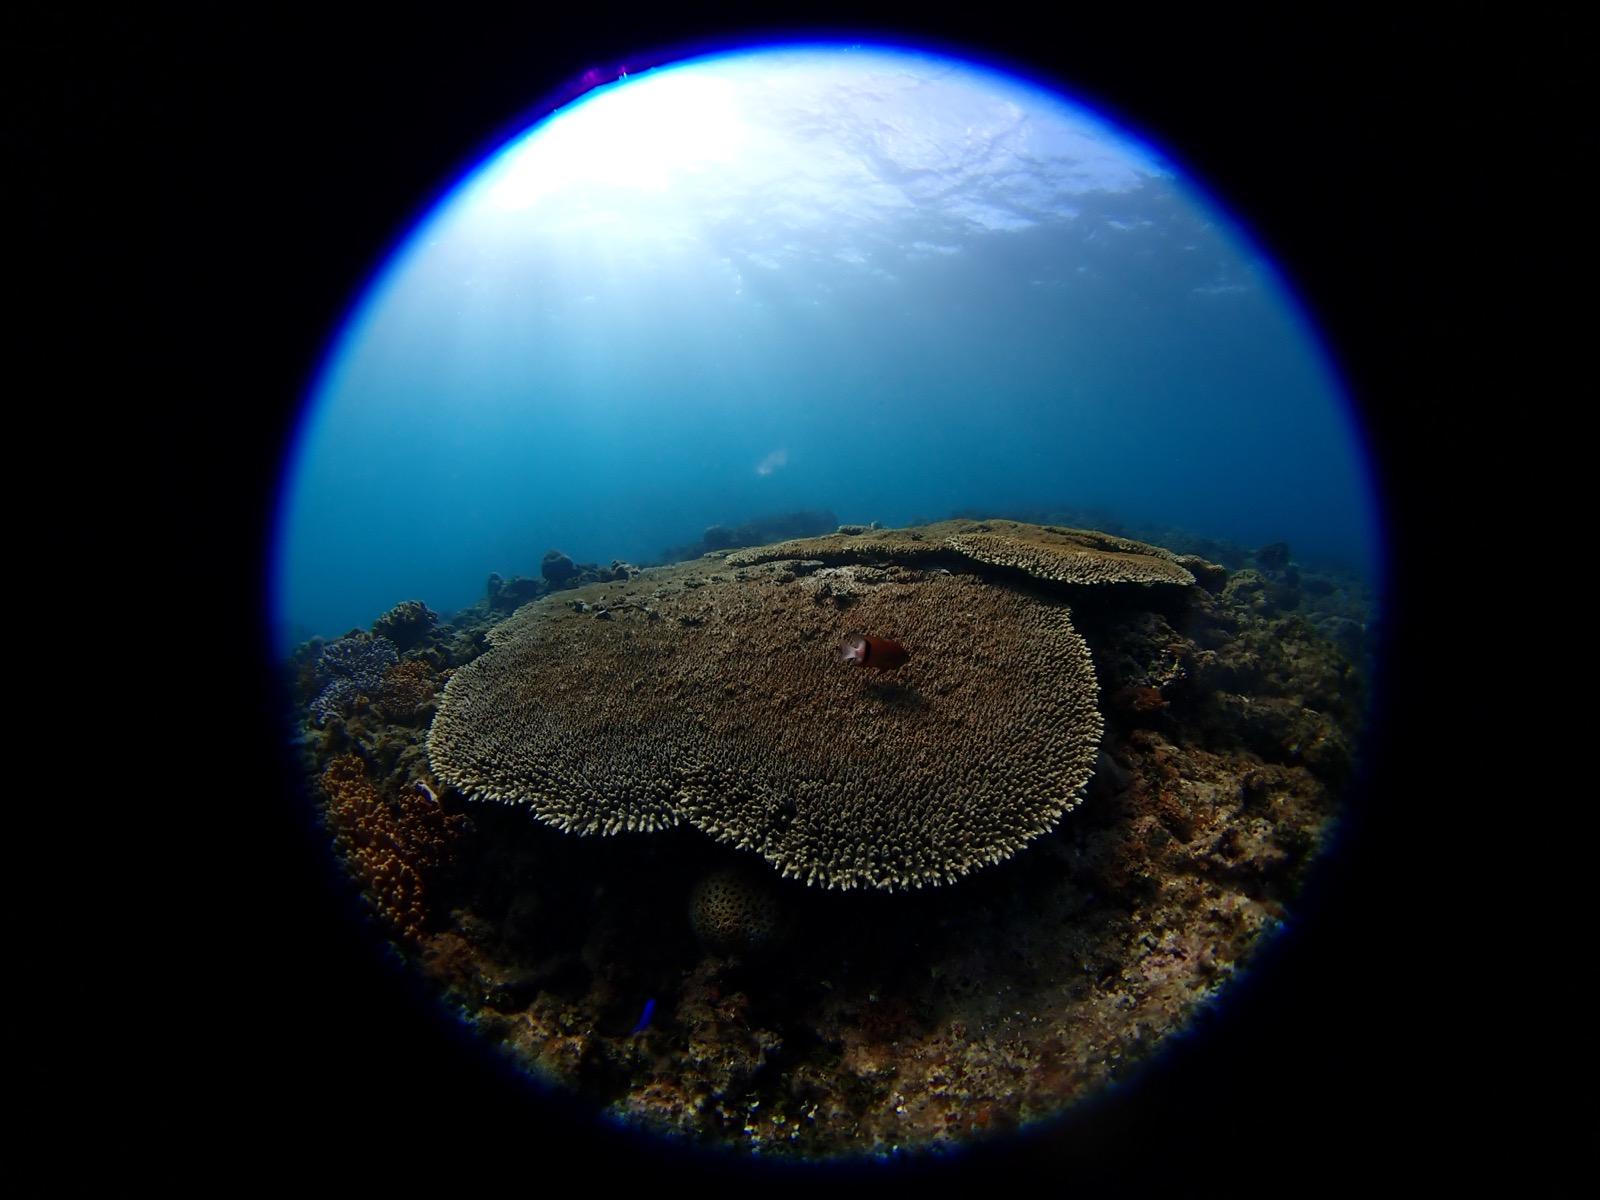 シュノーケリング写真は魚眼が楽しい! OLYMPUS Tough TG-6 & FCON-T02 レビュー